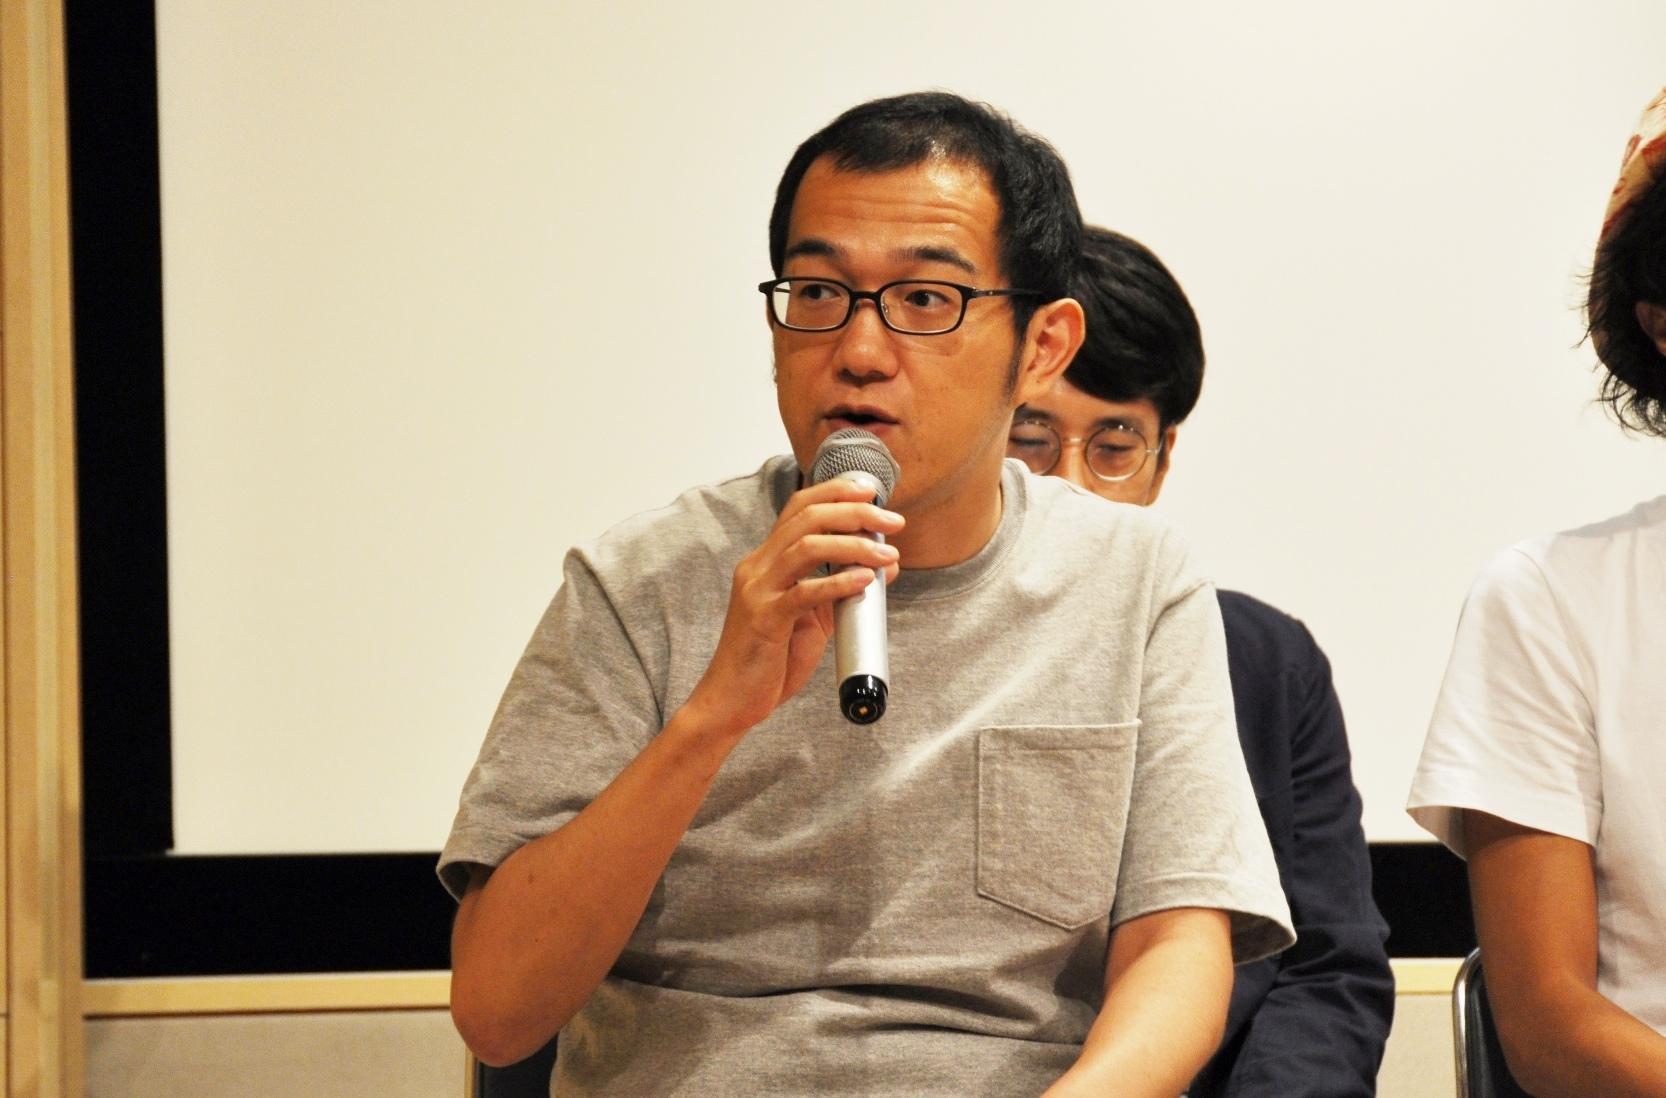 「テクノロジーにワタワタする、悲喜こもごもの人間模様が描かれるのも見どころ」と語る上田誠